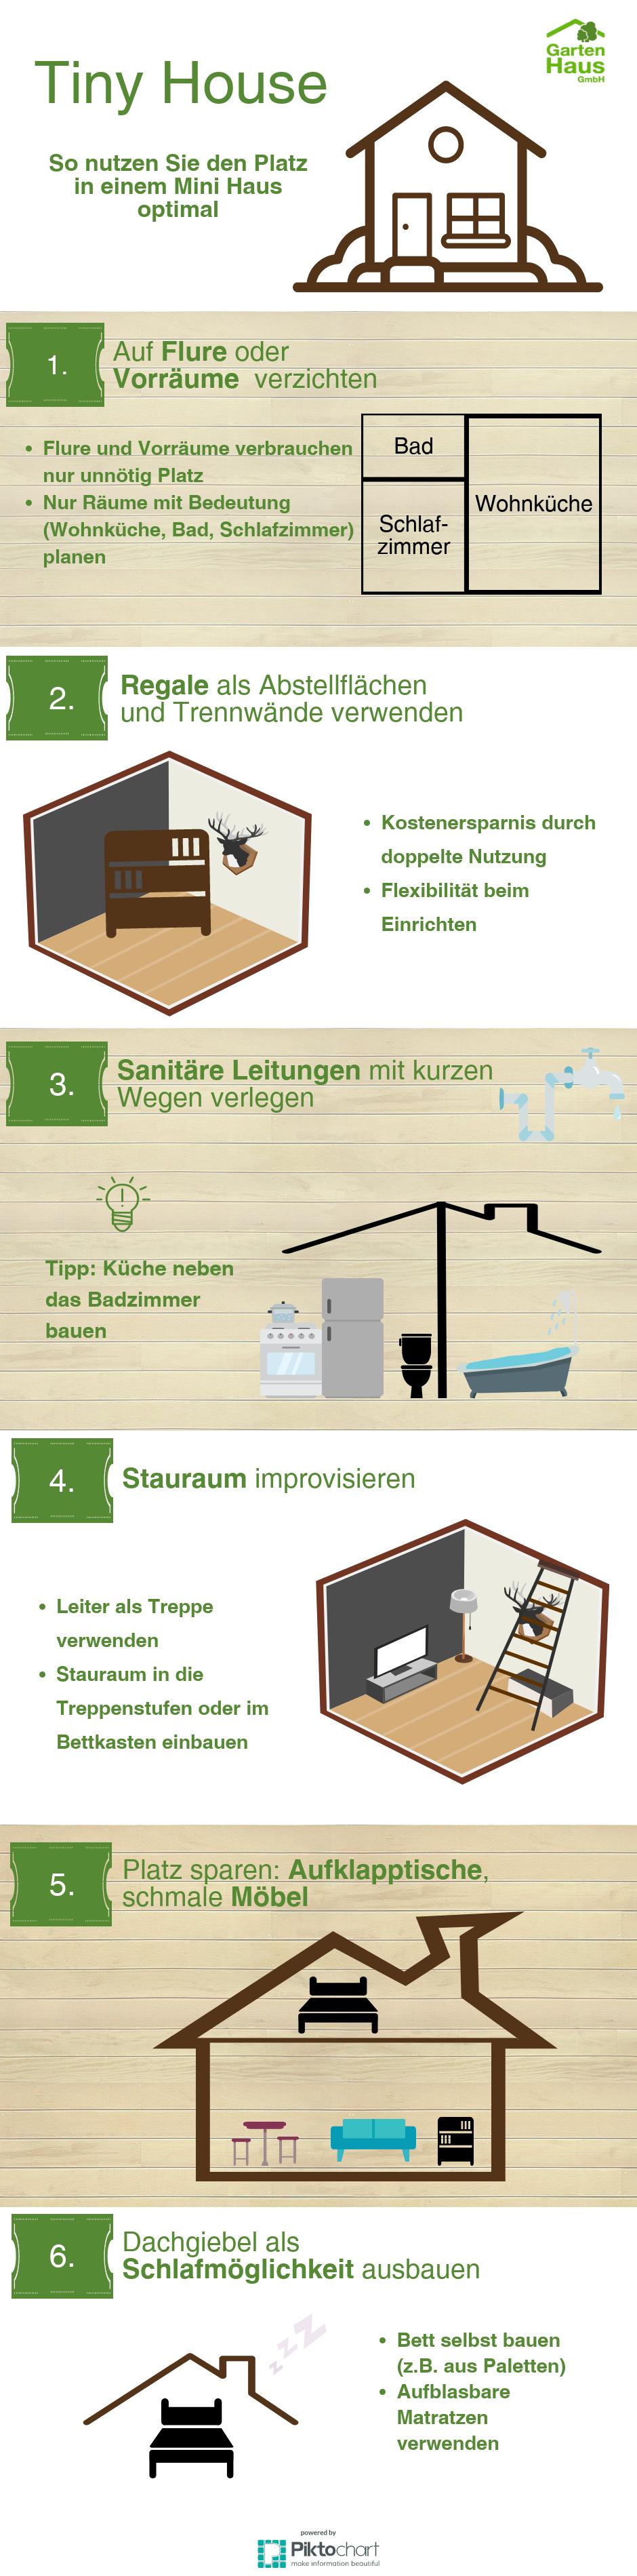 Tiny House Planung, Baugenehmigung, Kosten (mit Bildern